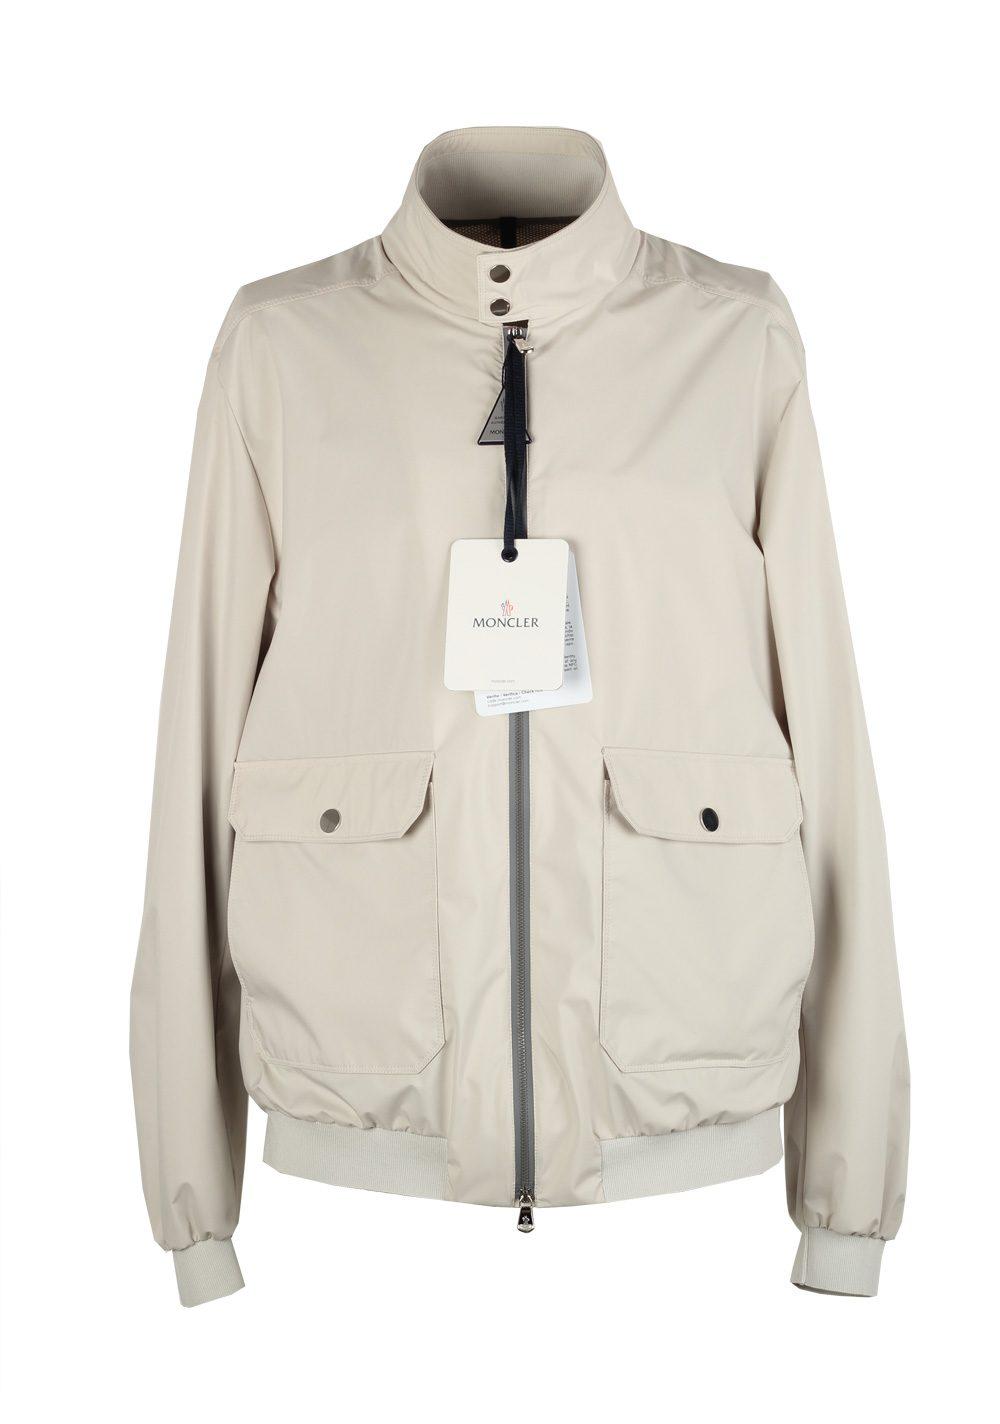 Moncler Beige Verte Bomber Jacket Coat Size 5 / XL / 54 / 44 U.S. | Costume Limité